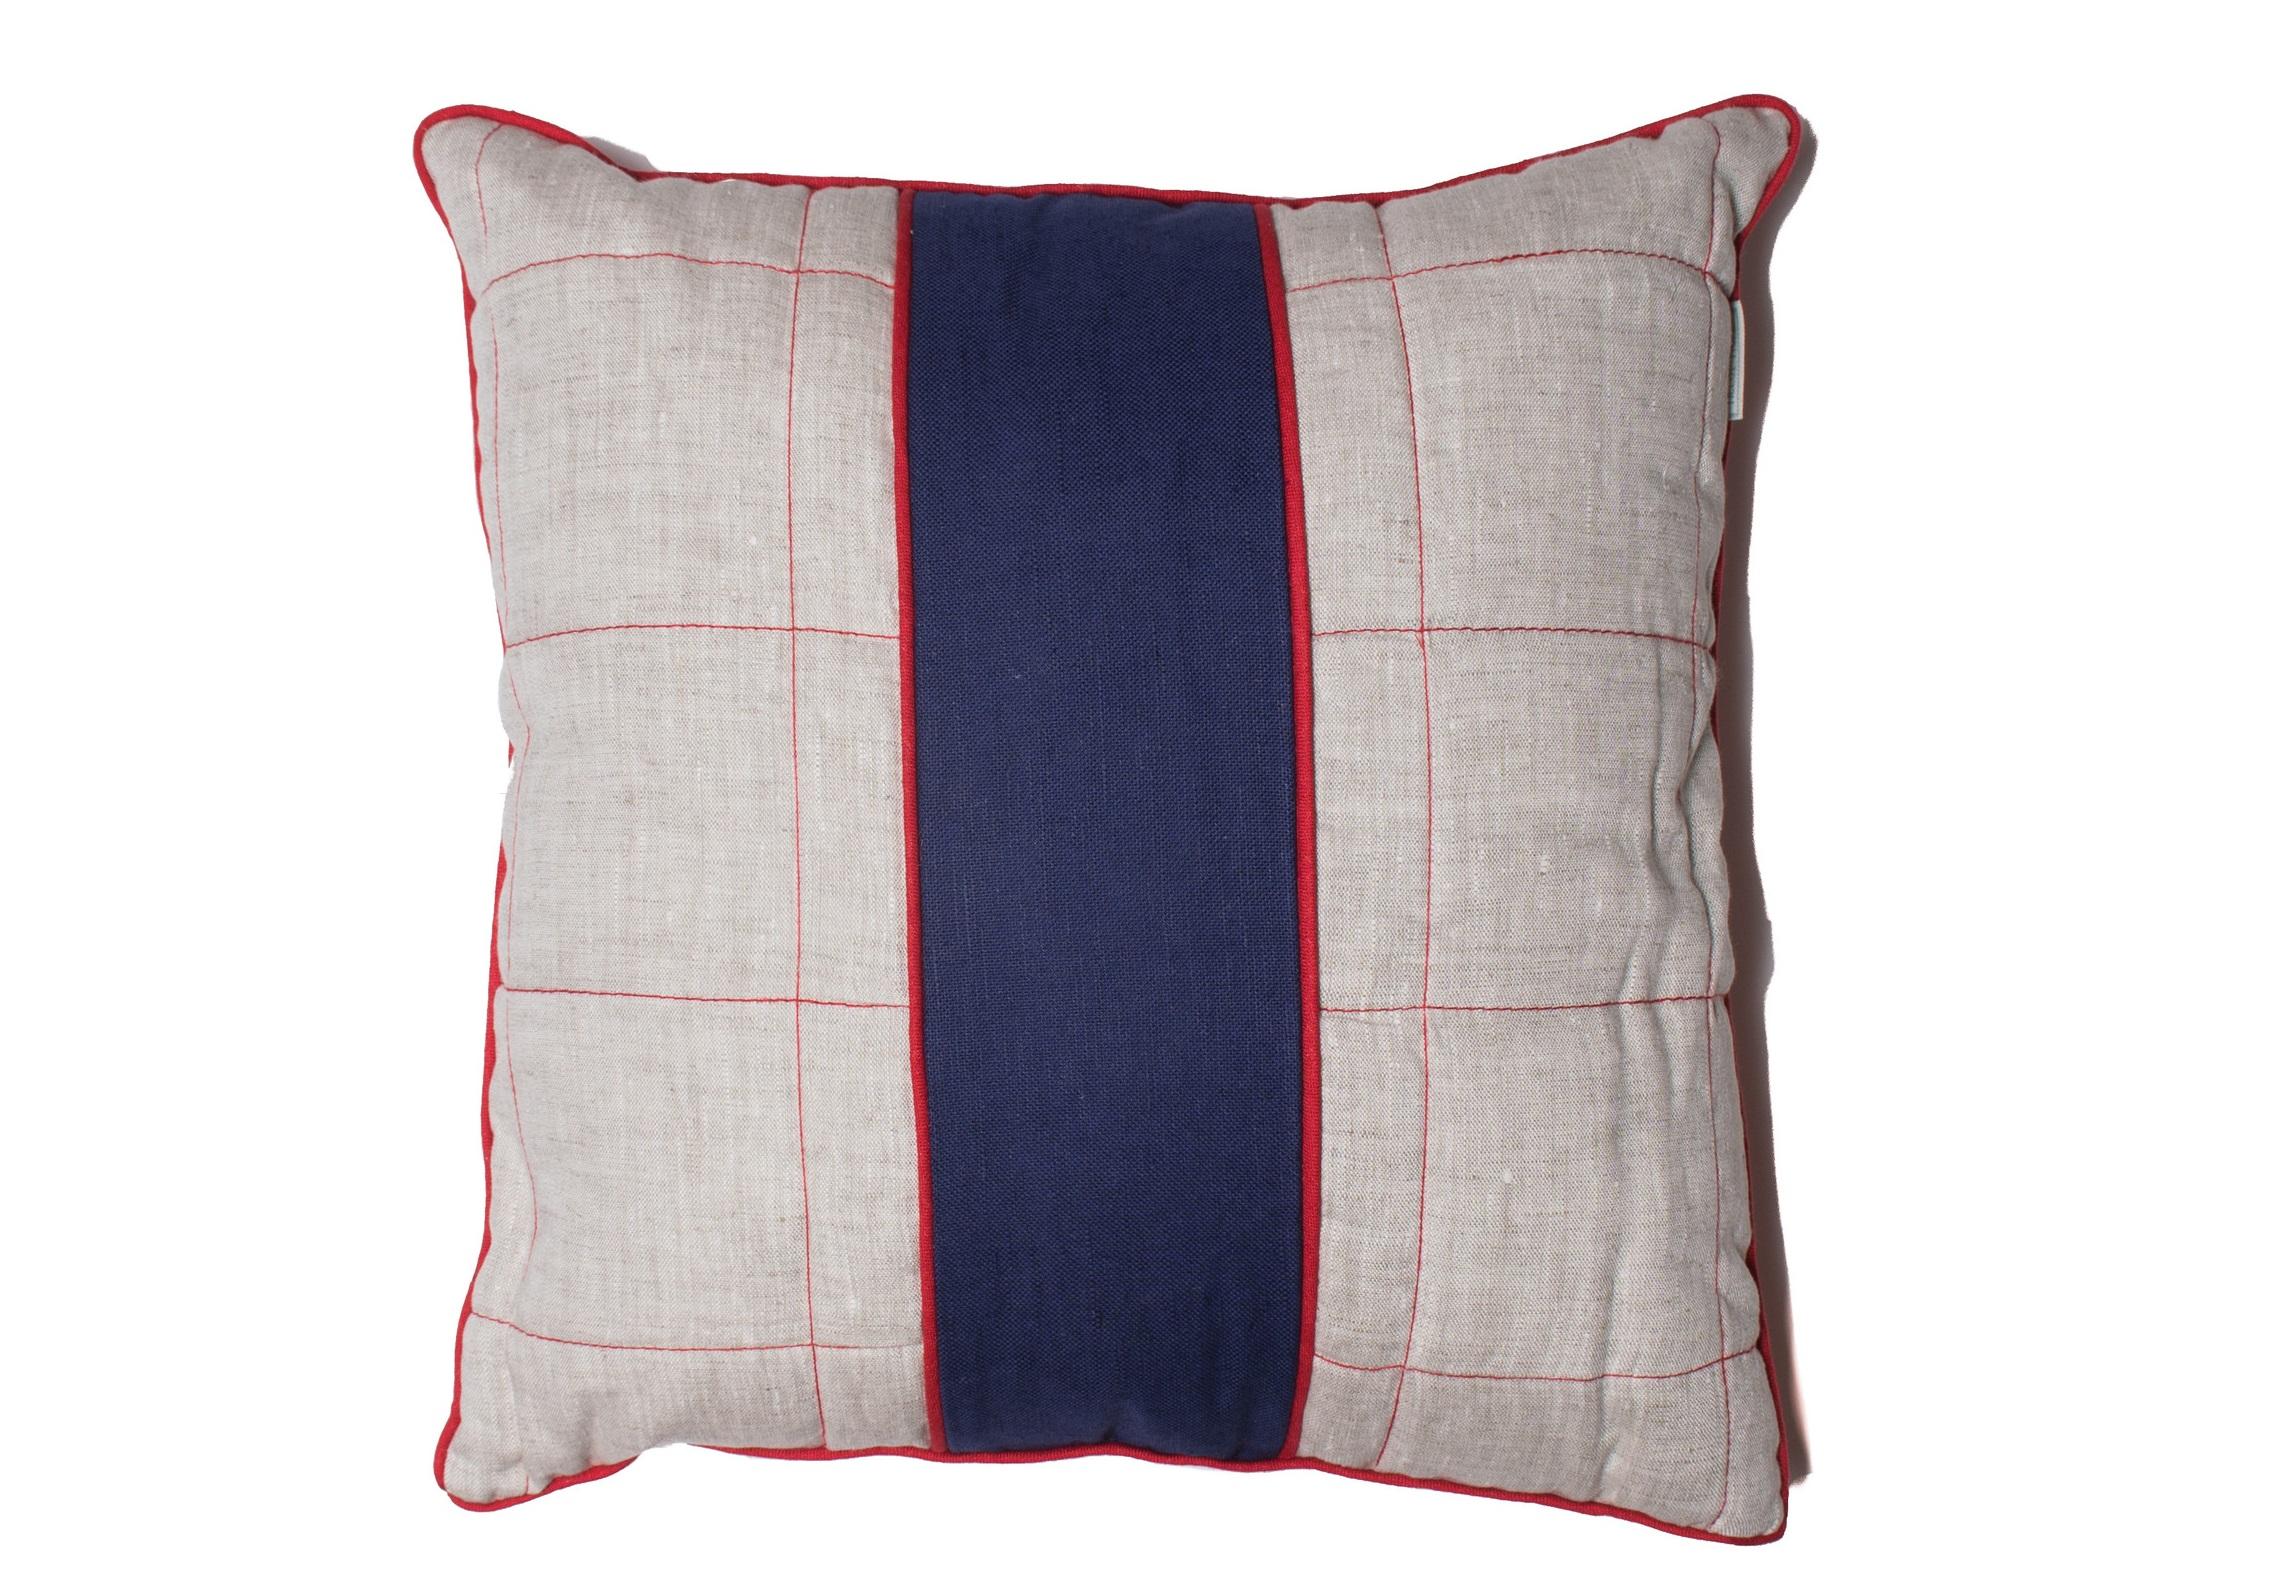 Подушка декоративная Датские вафлиКвадратные подушки и наволочки<br>Материал: хлопок 50% + лен 50%<br><br>Material: Хлопок<br>Width см: 45<br>Depth см: 45<br>Height см: 8